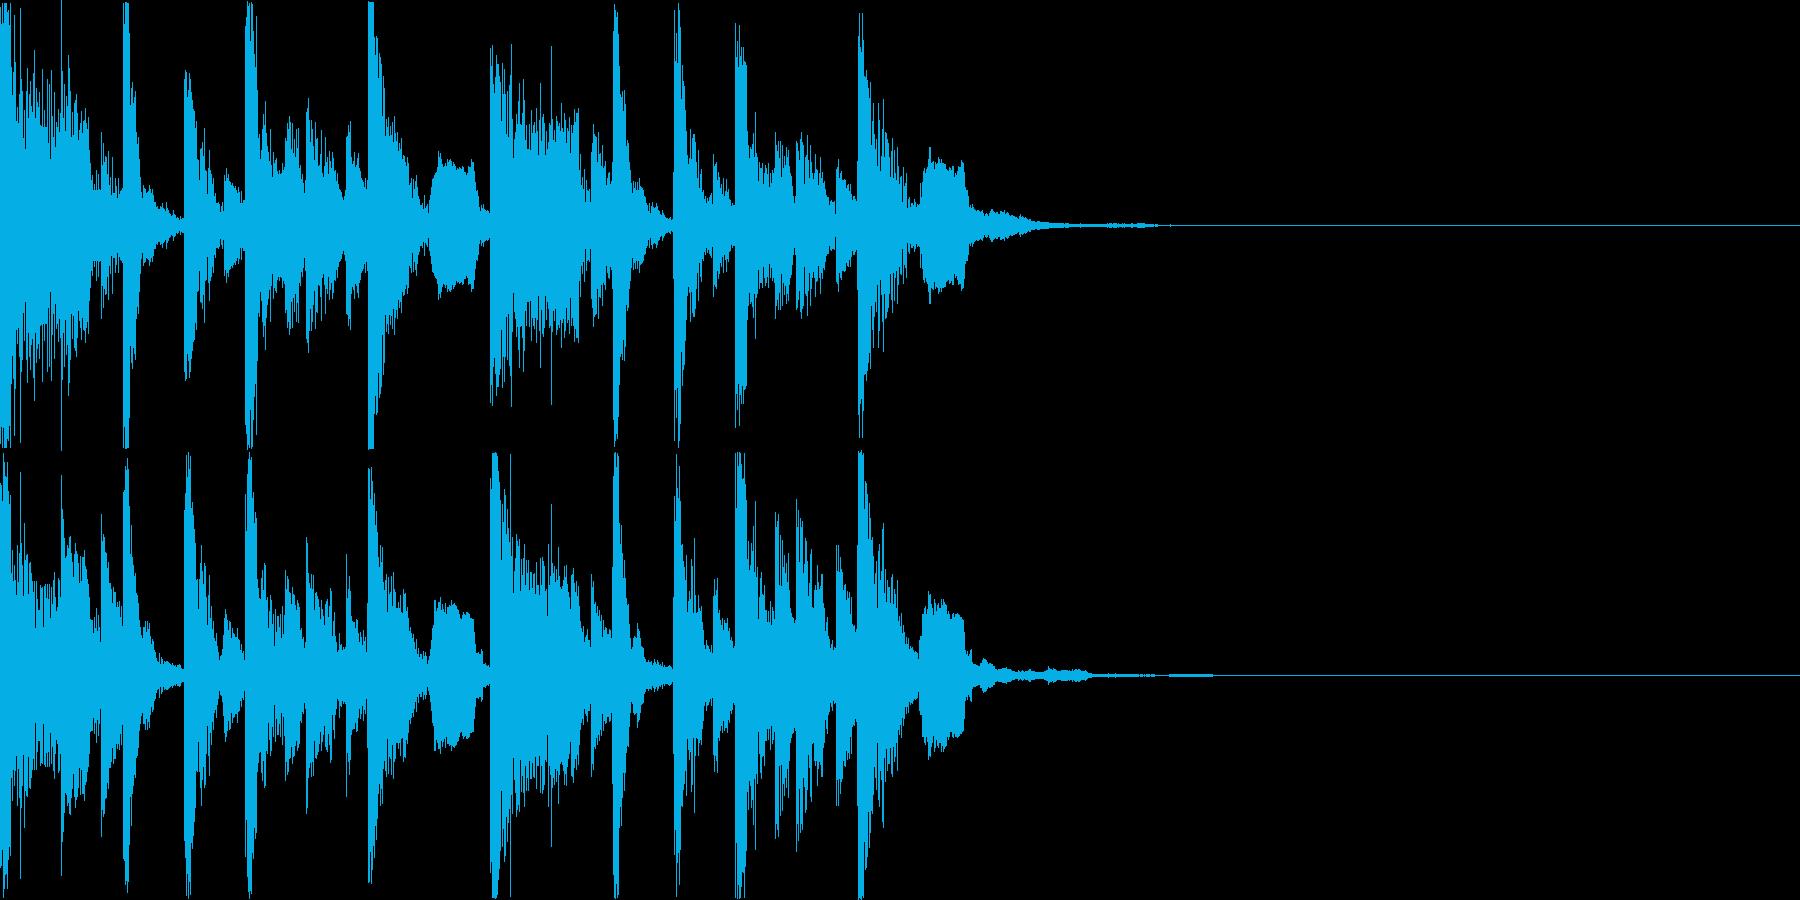 ボーカルチョップのEDMジングルの再生済みの波形